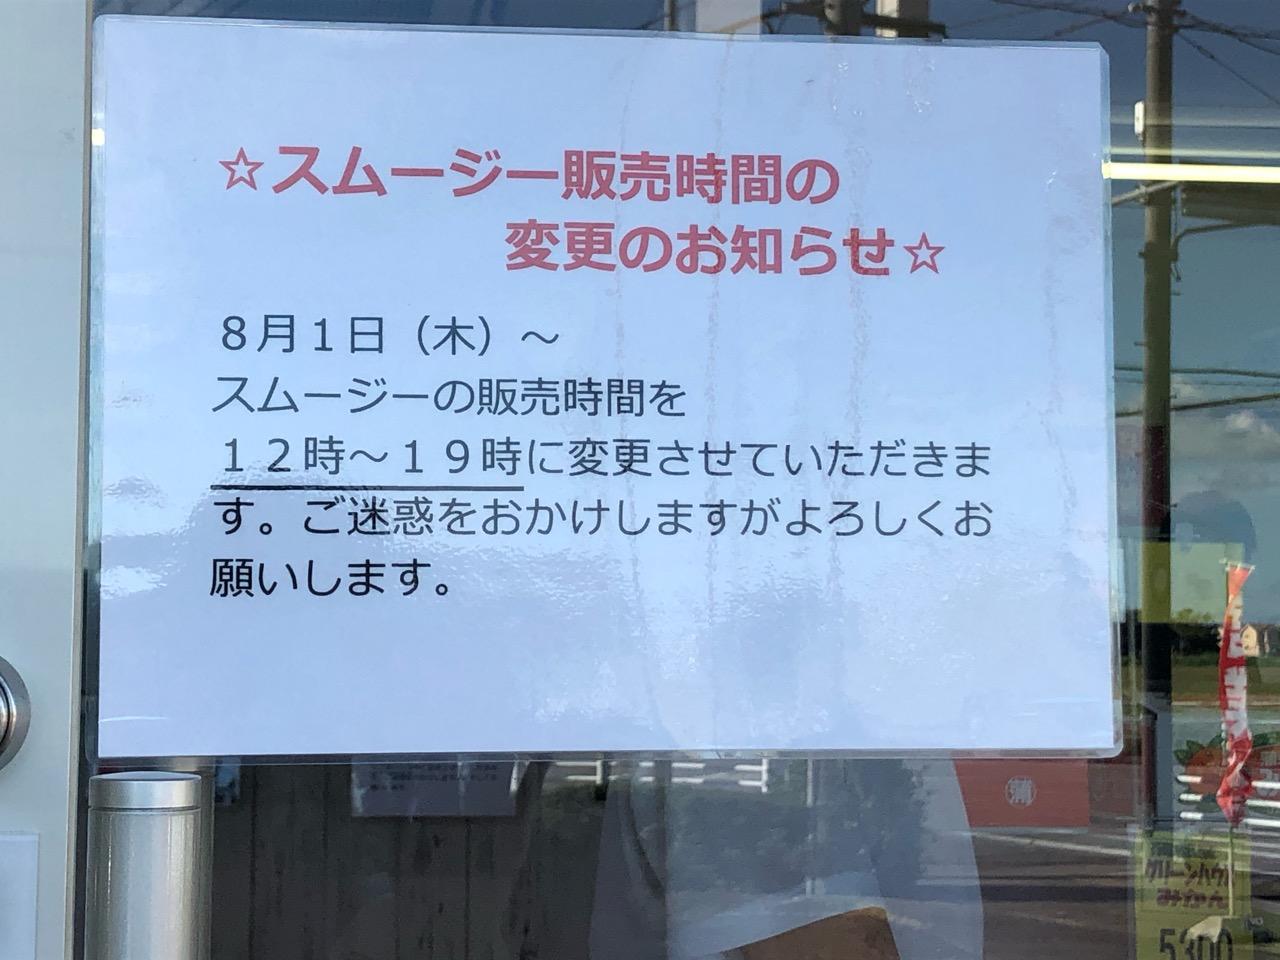 戸田フルーツのスムージー販売時間